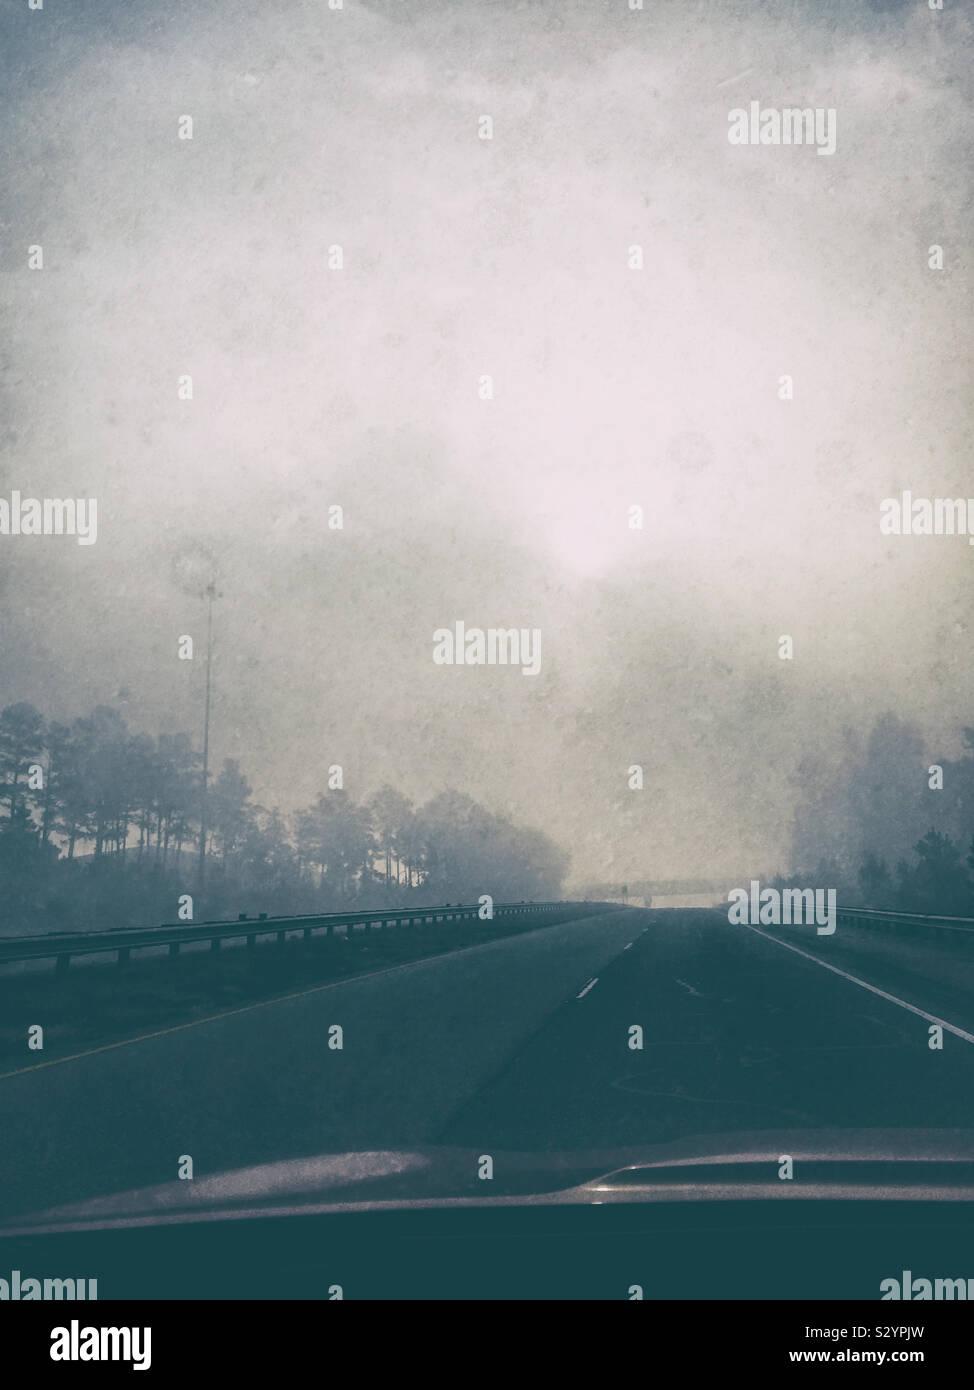 Un lugubre paesaggio riempito con nebbia mattutina su un triste giorno d'autunno durante la guida di un'auto. Questa immagine ha un grunge effetto testurizzato. Foto Stock